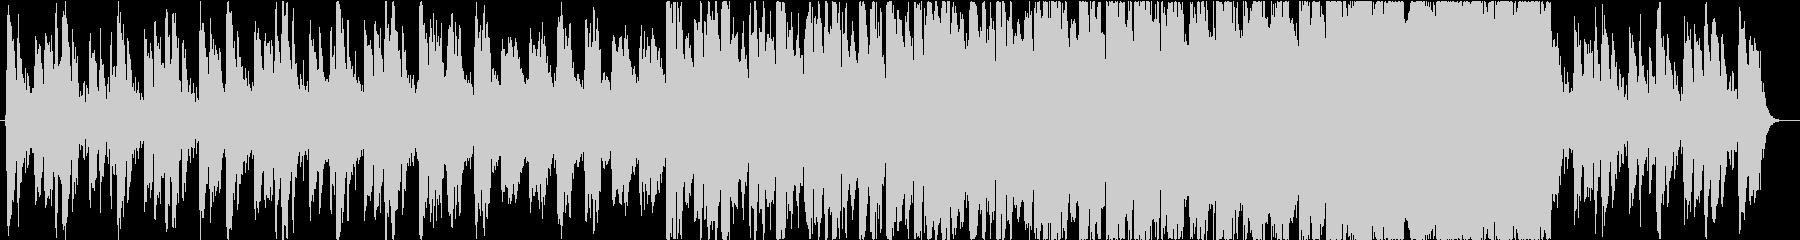 ダークで怪しい不協和なオーケストラBGMの未再生の波形